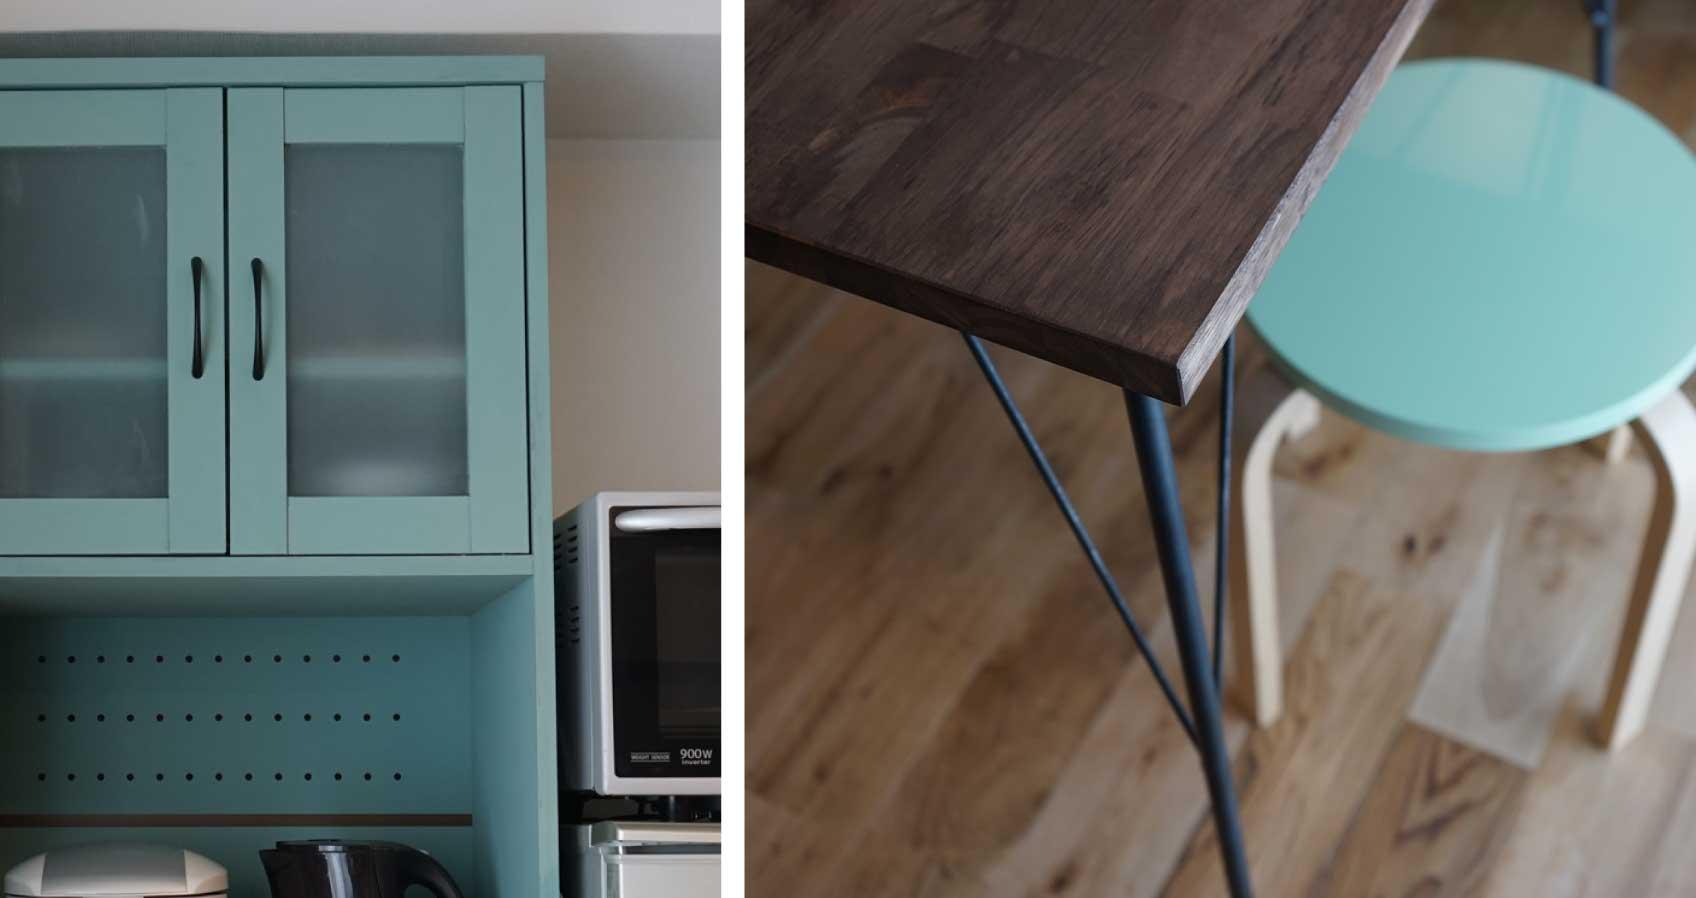 キッチンにある棚は、組み立て前にイメージに合うブルーに塗り替えた。テーブルも、アイアンの脚と合板を組み合わせ、オイルステインで仕上げている。